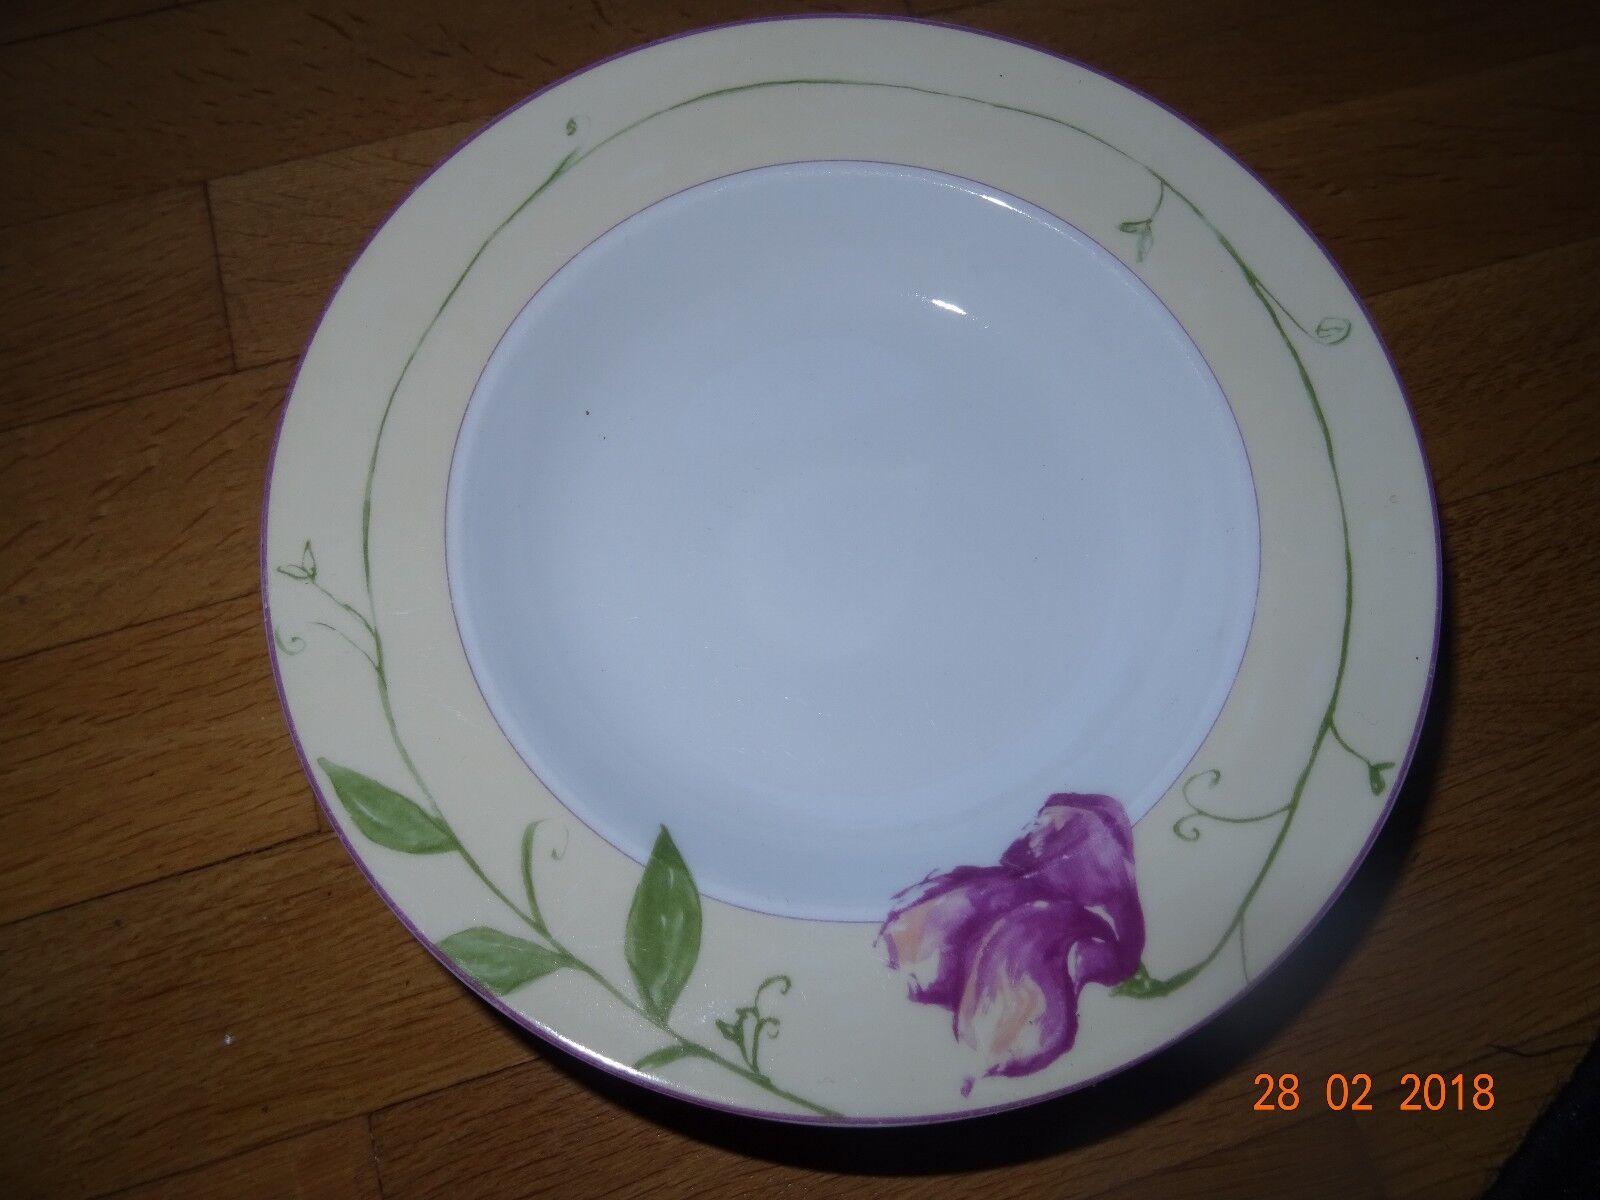 Schloß Amalienburg Mohn Rosan Porzellan Teller Suppenteller Landhaus Küche | Qualität Produkte